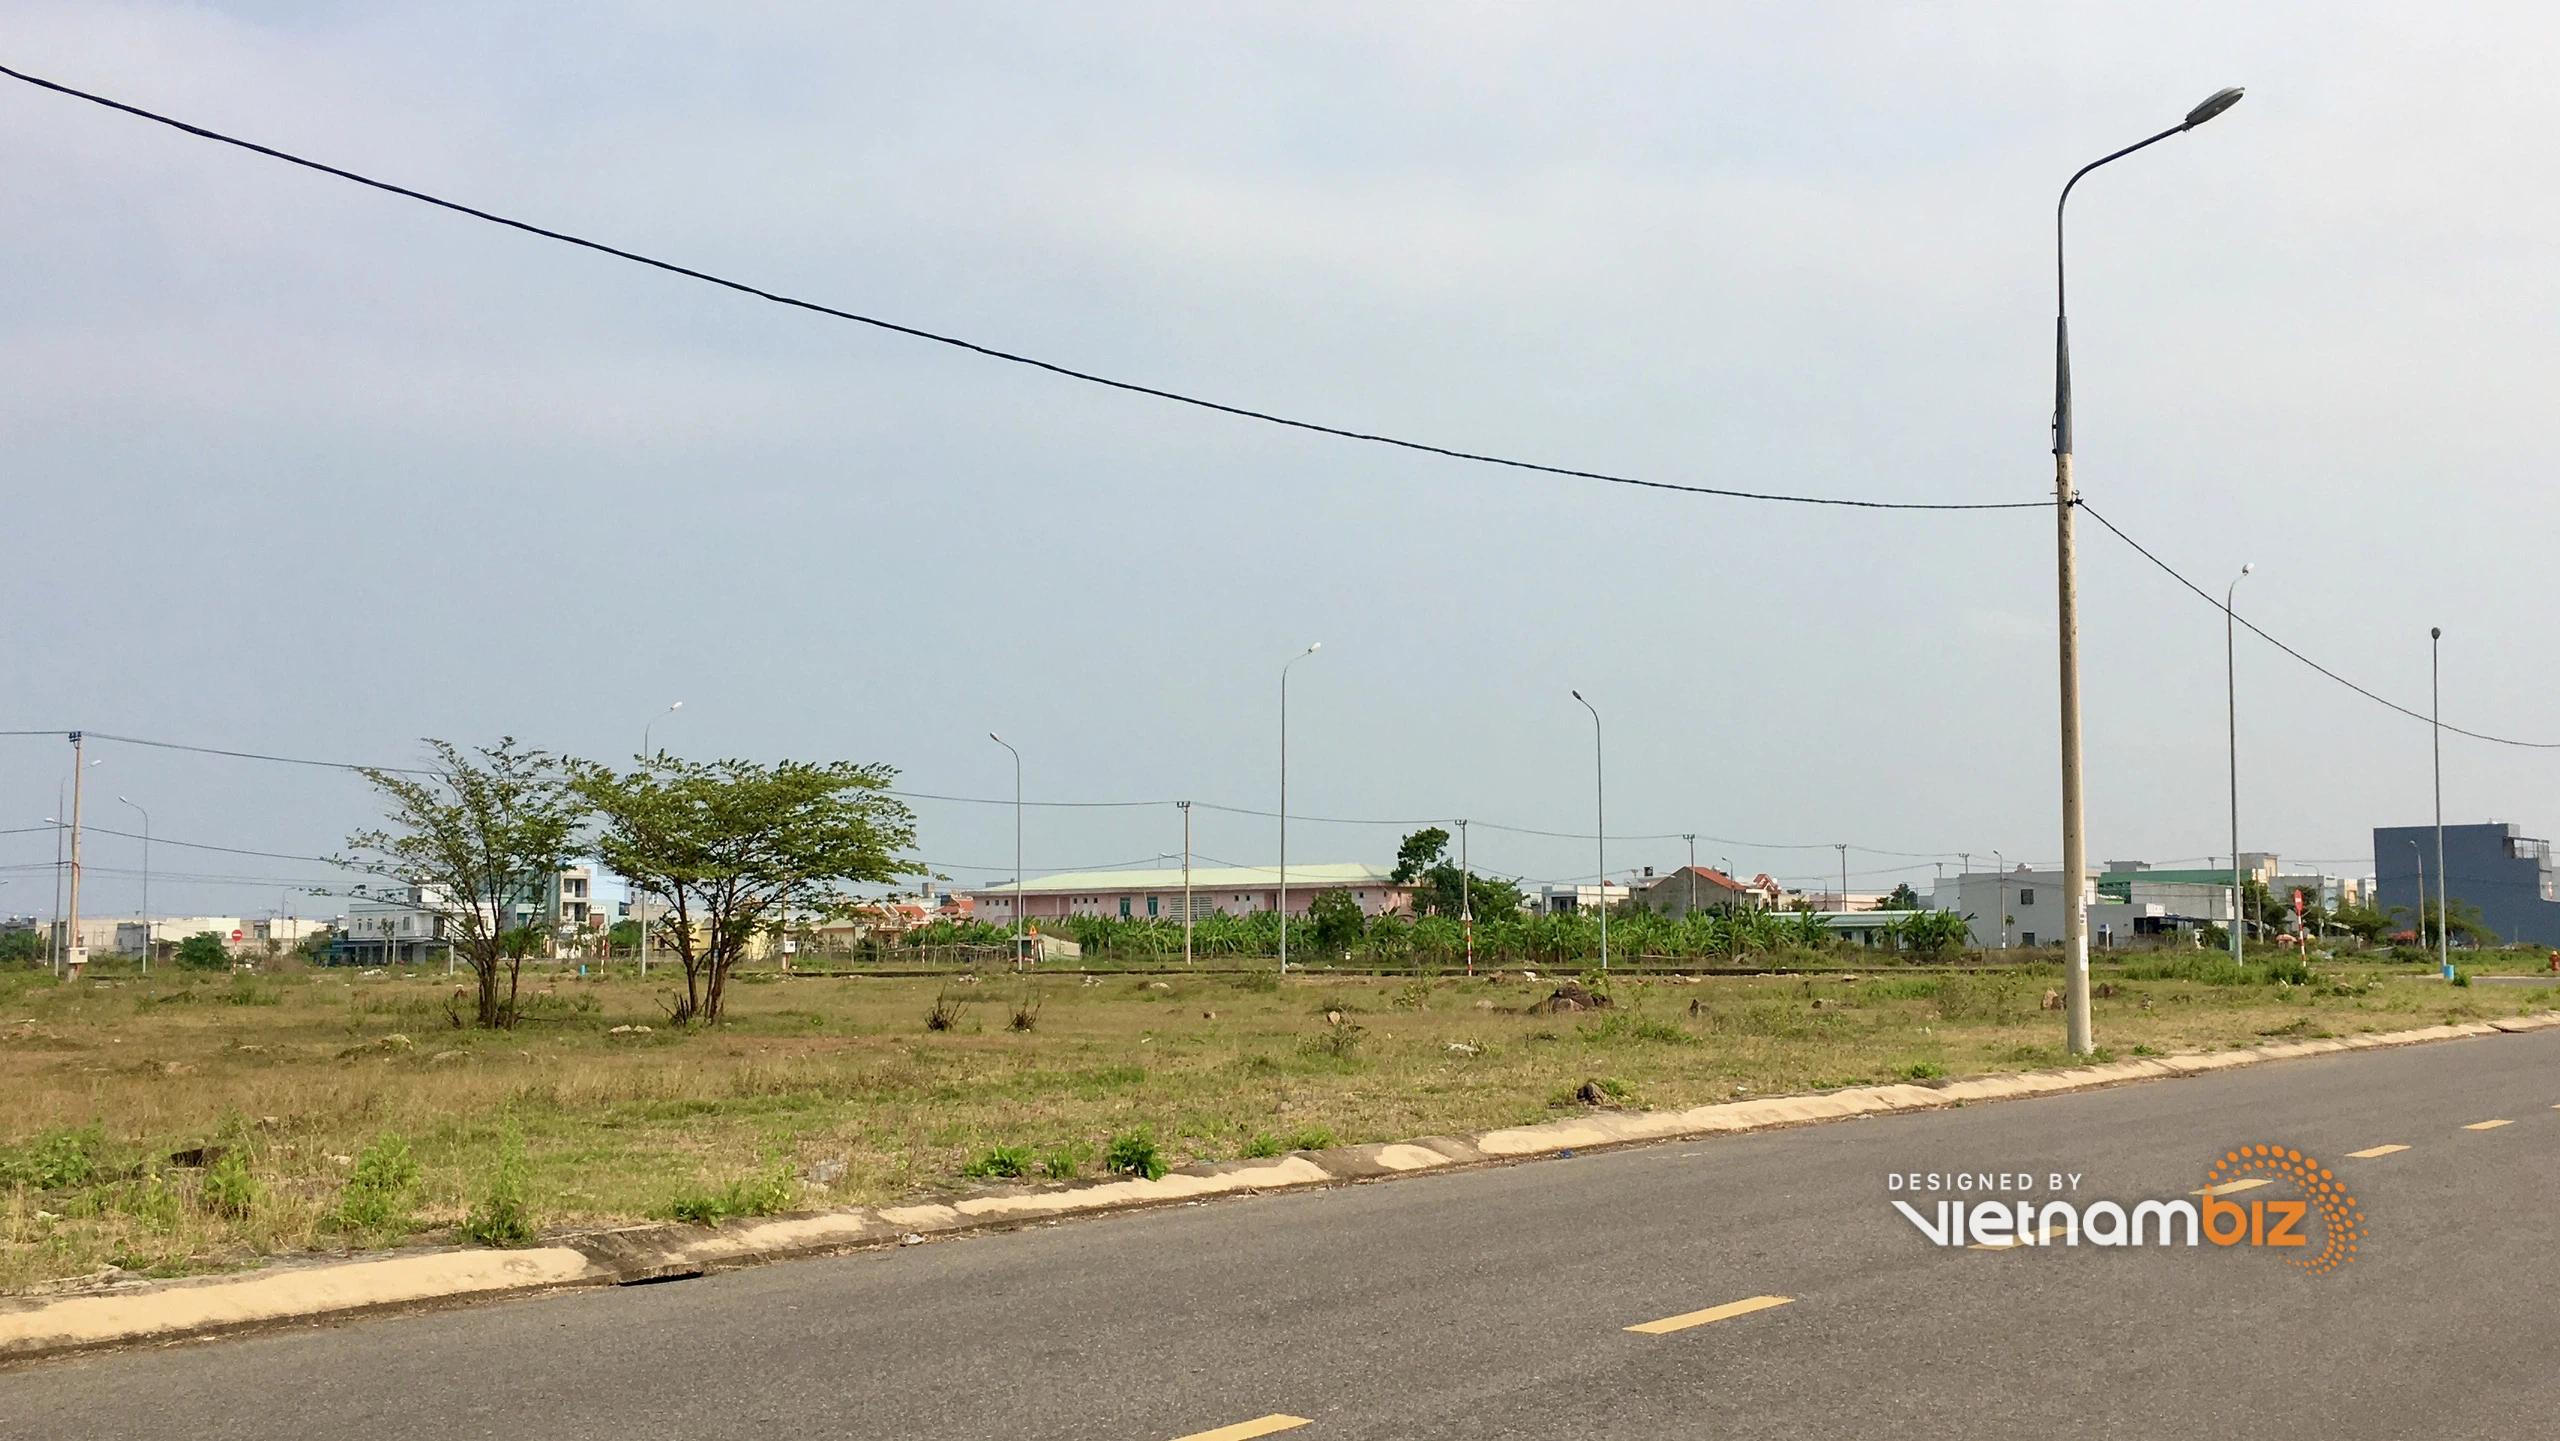 Vị trí khu đất ở Hòa Xuân, Đà Nẵng làm Không gian sáng tạo 12.000 tỷ đồng - Ảnh 10.